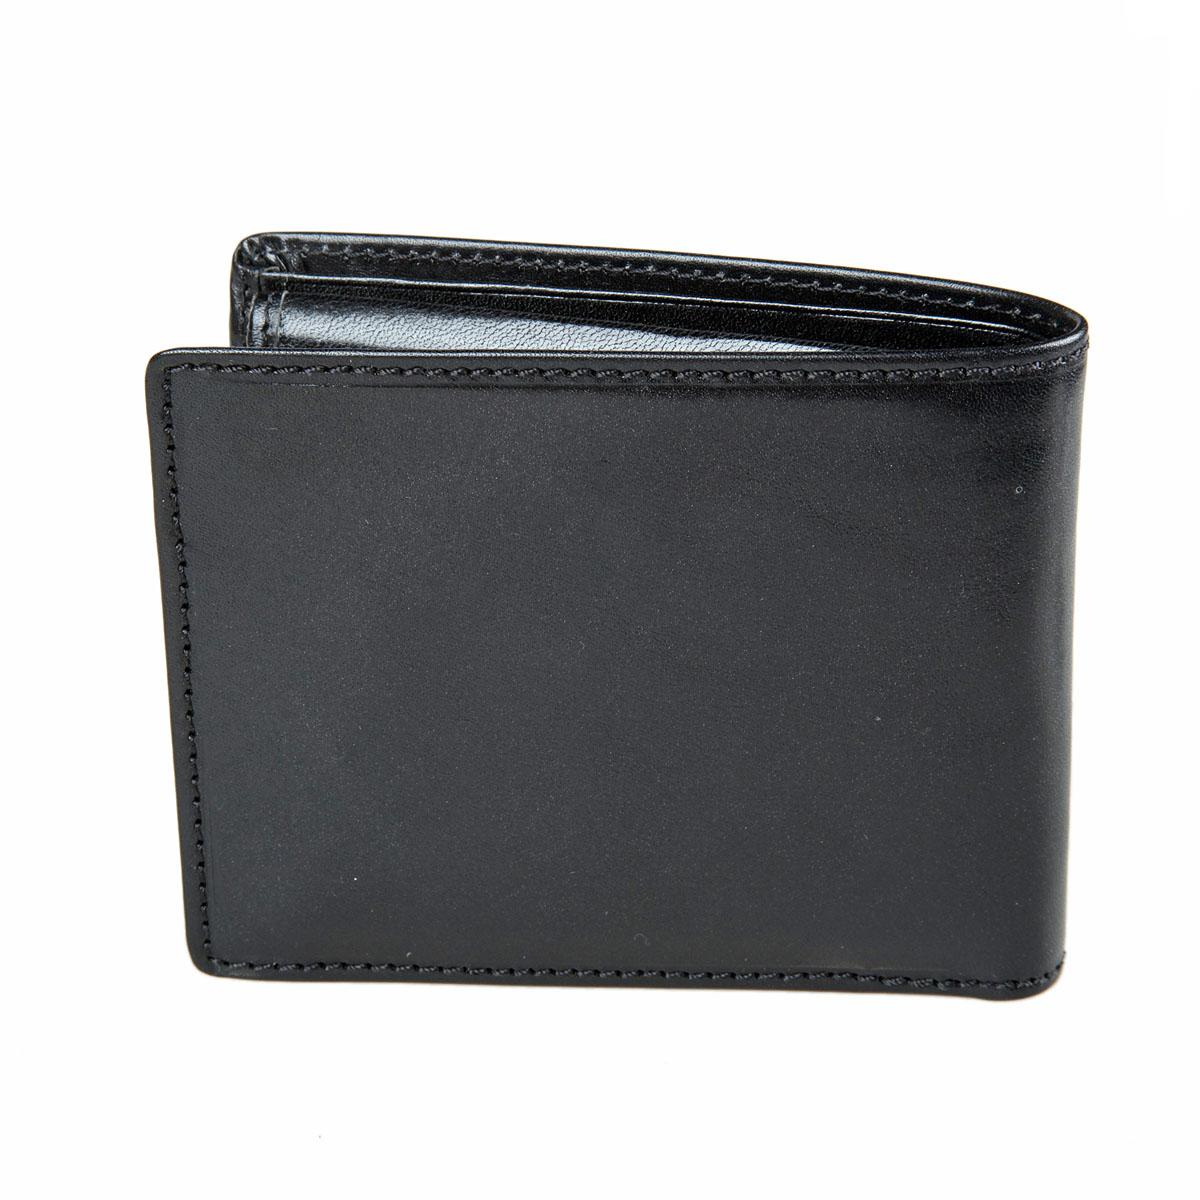 Портмоне мужское Gianni Conti, цвет: черный. 90702377-080-06Стильное мужское портмоне Gianni Conti выполнено из натуральной кожи. Лицевая сторона оформлена тиснением в виде названия бренда производителя.Изделие раскладывается пополам. Внутри имеется два отделения для купюр, четыре потайных кармана, карман для мелочи на кнопке, семь кармашков для визиток и пластиковых карт и сетчатый карман. Портмоне упаковано в фирменную картонную коробку. Оригинальное портмоне подчеркнет вашу индивидуальность и изысканный вкус, а также станет замечательным подарком человеку, ценящему качественные и практичные вещи.